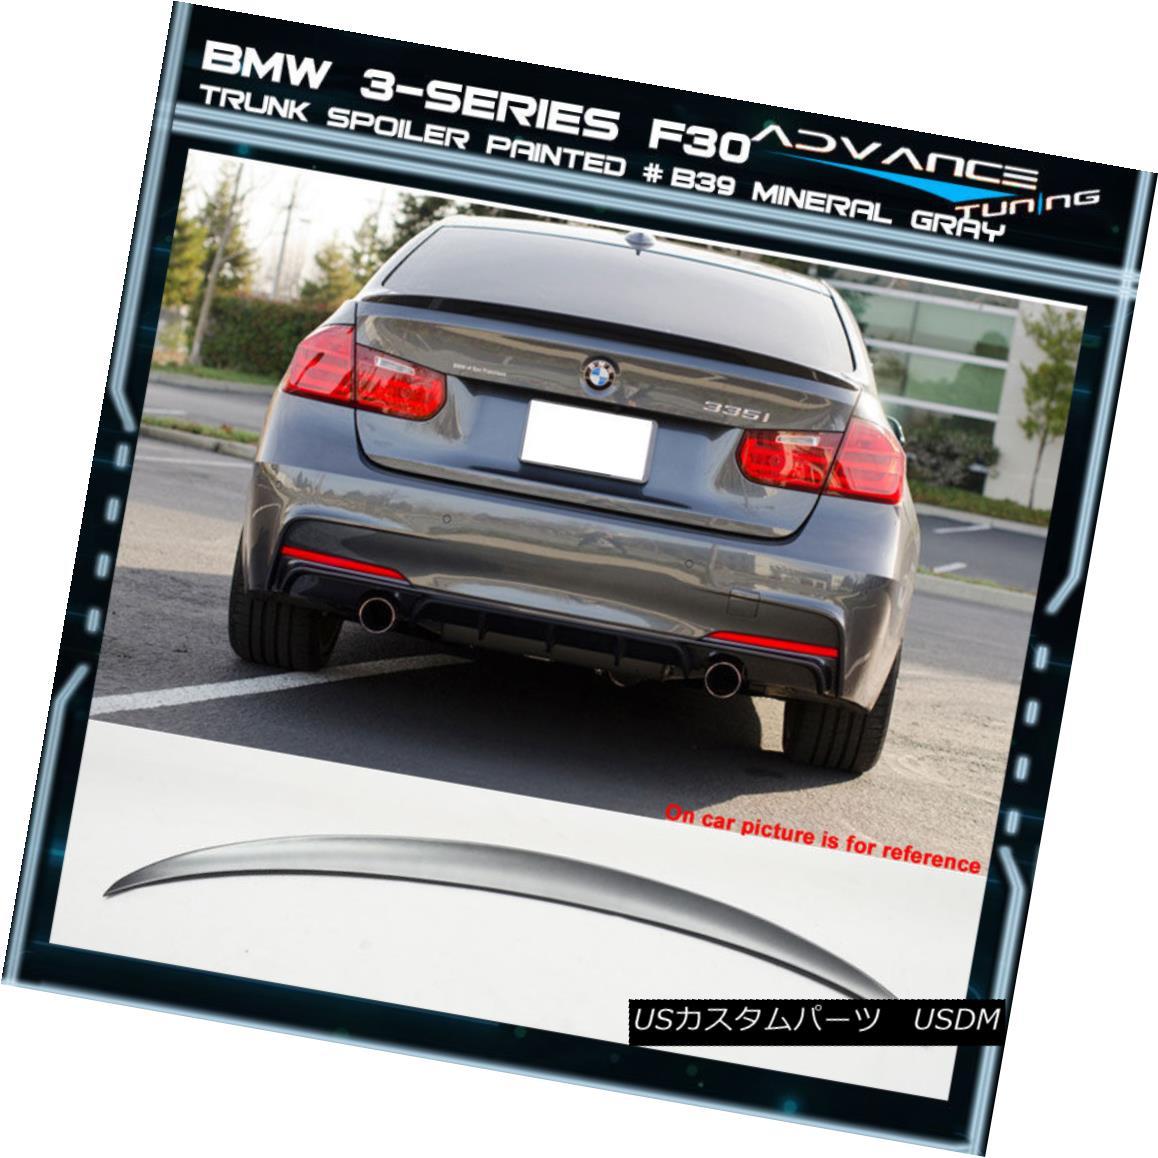 エアロパーツ 12-18 BMW 3-Series F30 4Dr Trunk Spoiler OEM Painted Color # B39 Mineral Gray 12-18 BMW 3シリーズF30 4Drトランク・スポイラーOEM塗装カラー#B39ミネラル・グレー